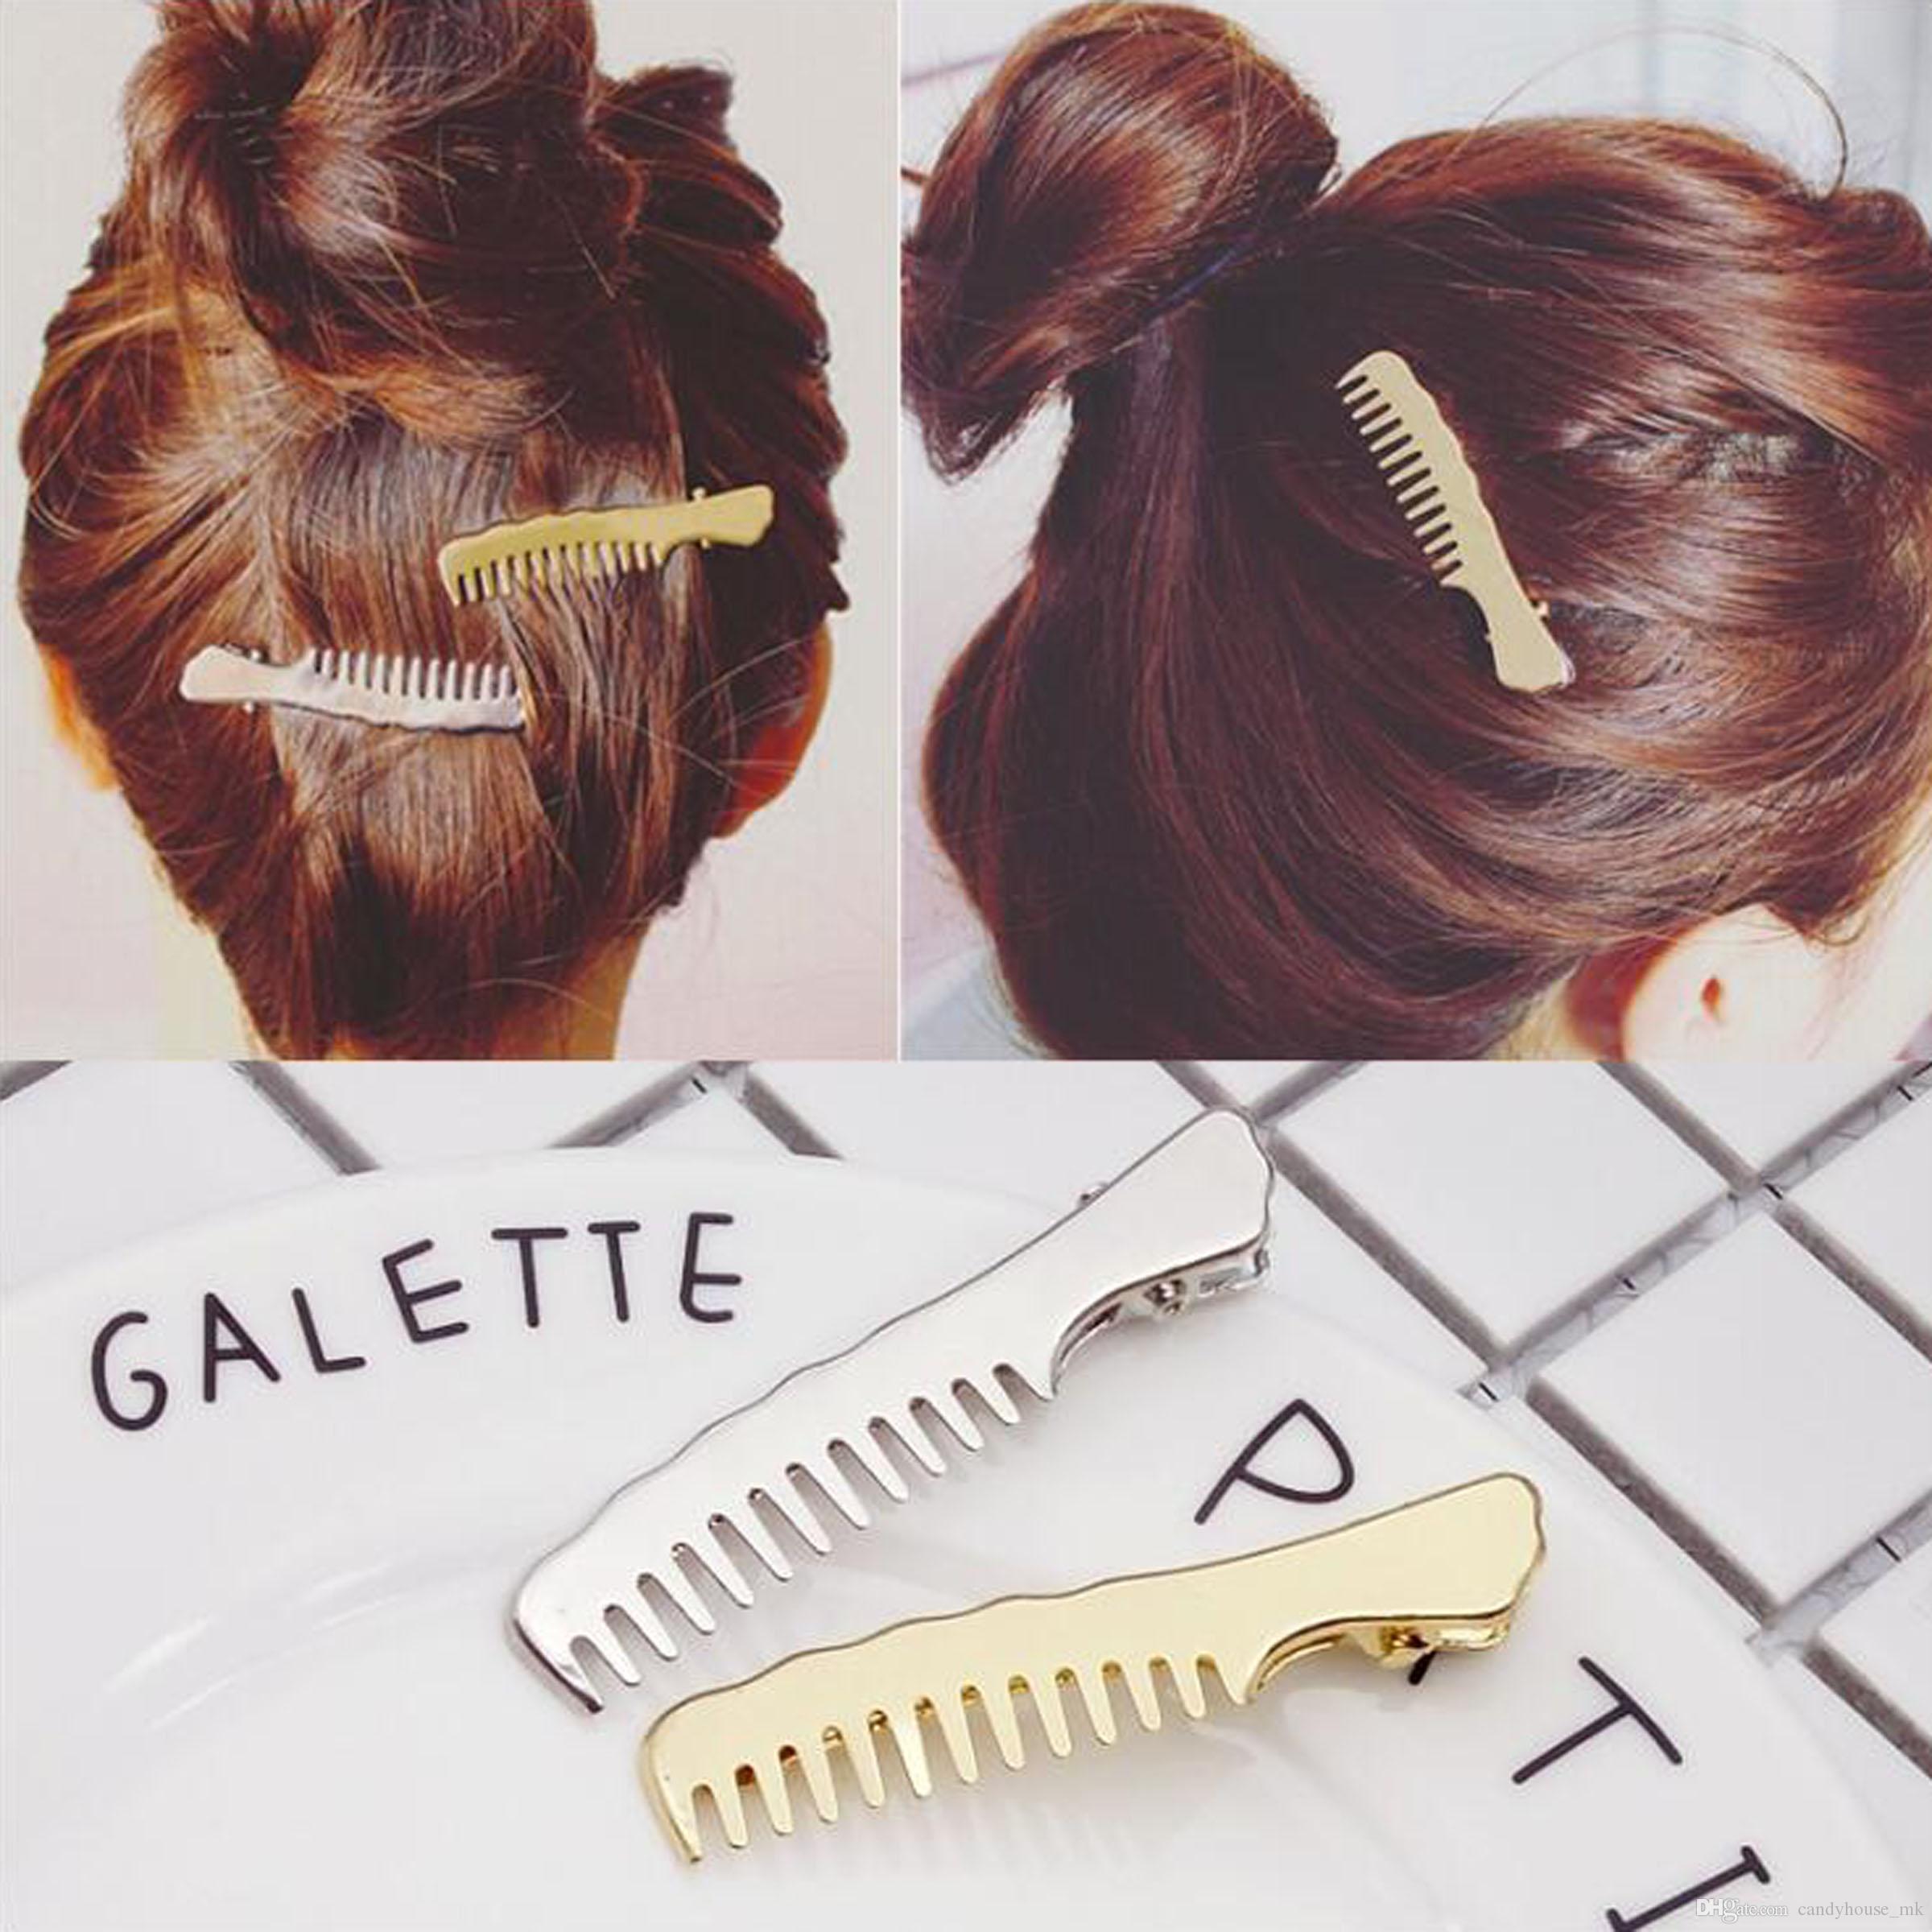 Moda mini bonito pente de metal hairpin personalidade punk slip duckbill clipe maré feminino pequeno gancho de cabelo Atacado e varejo